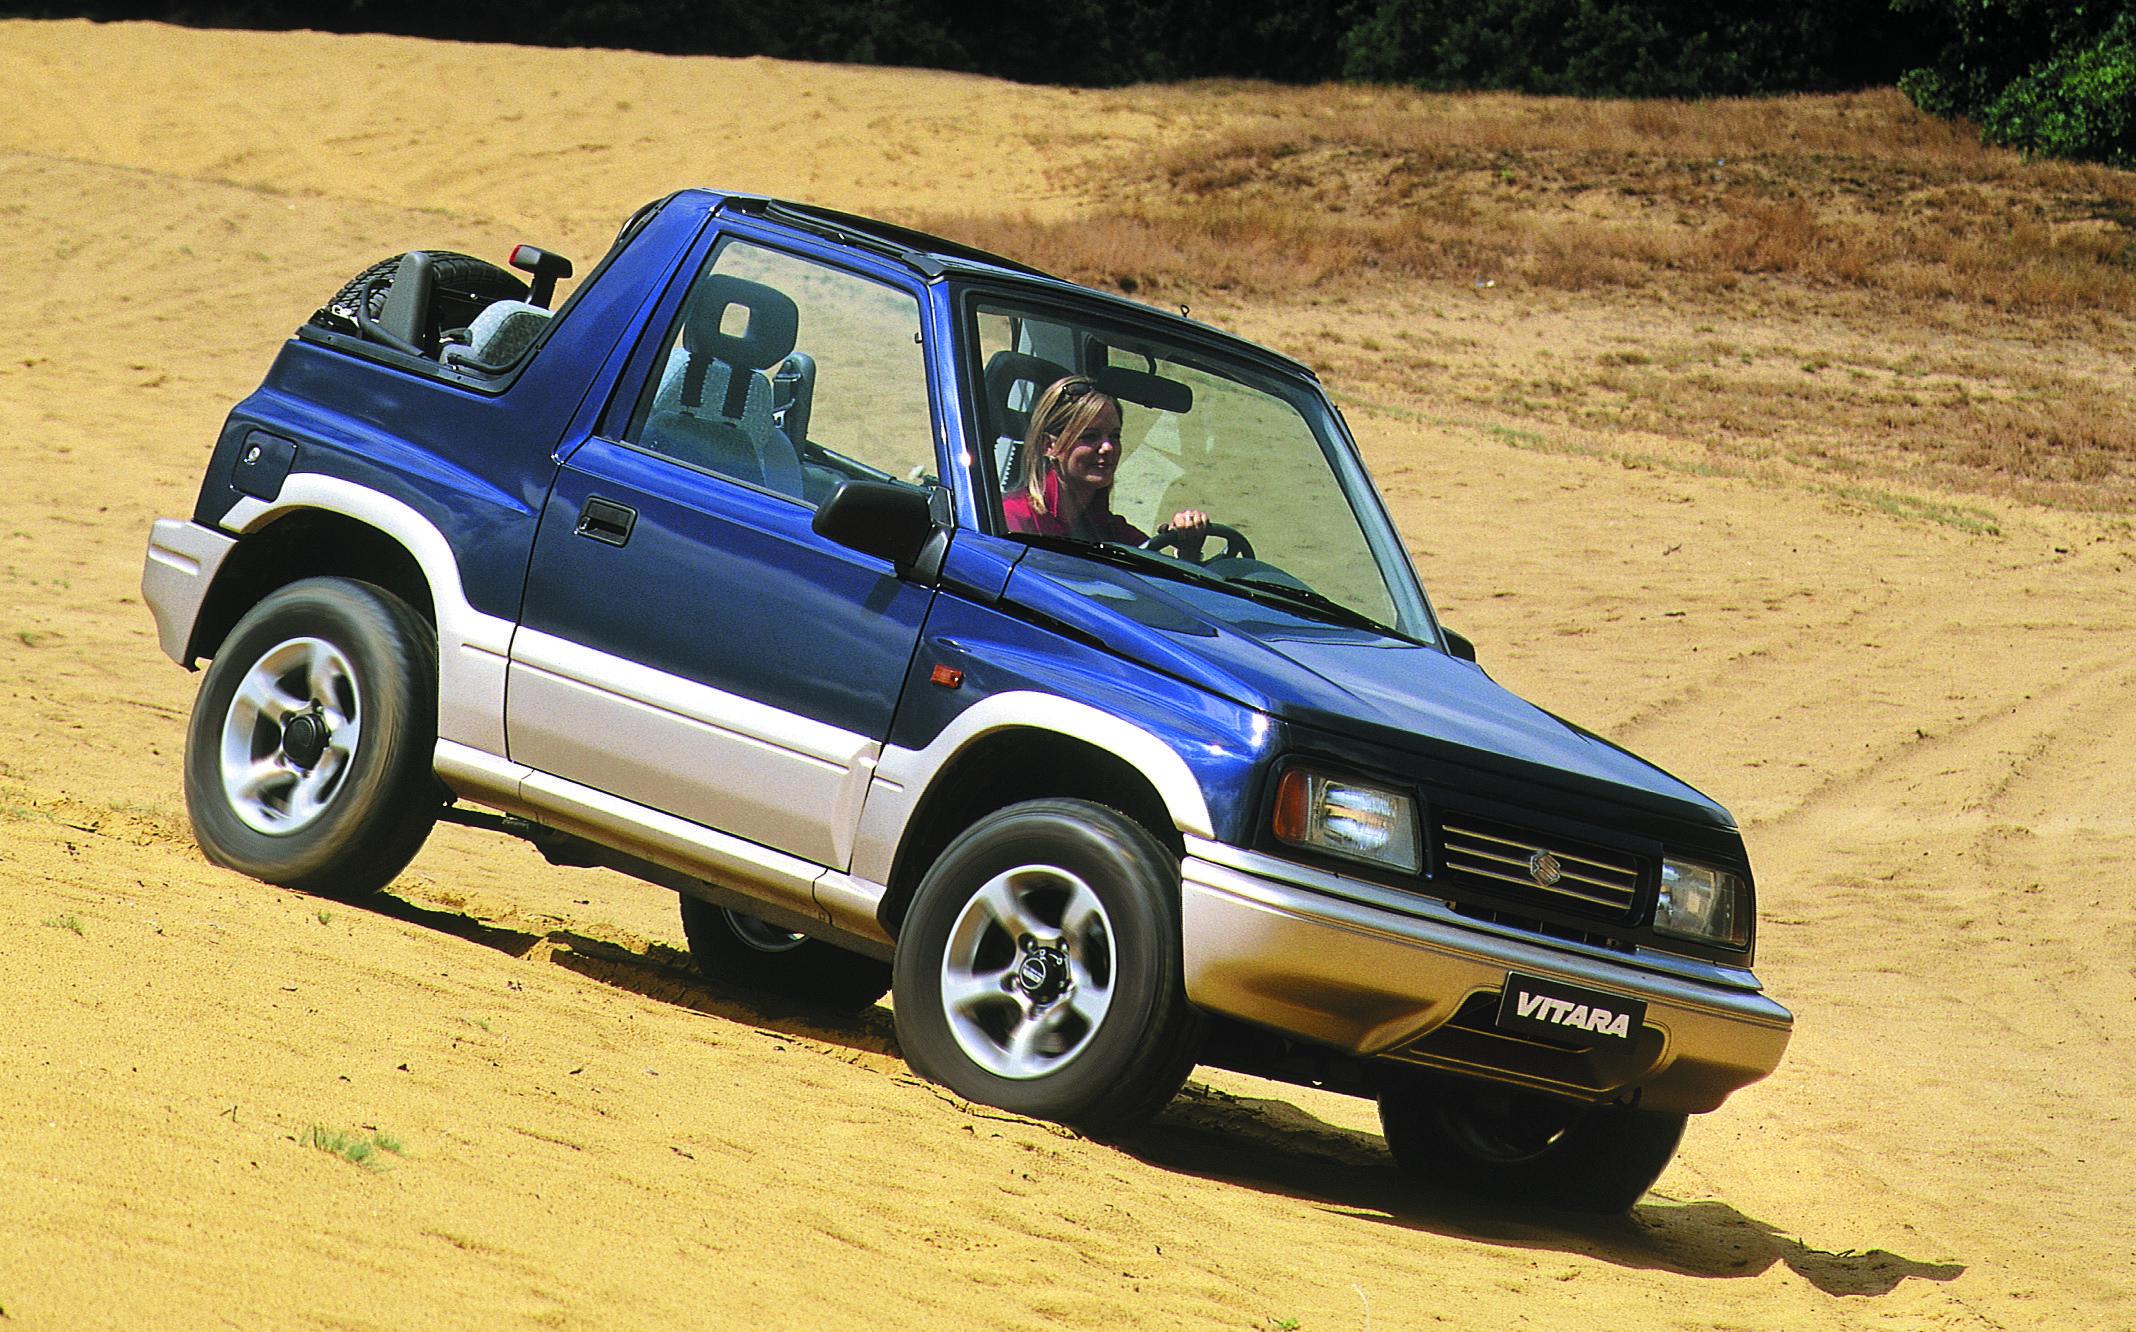 Dikke Vitara Jenge Suzuki Vitara Cabrio Suzuki Vitara